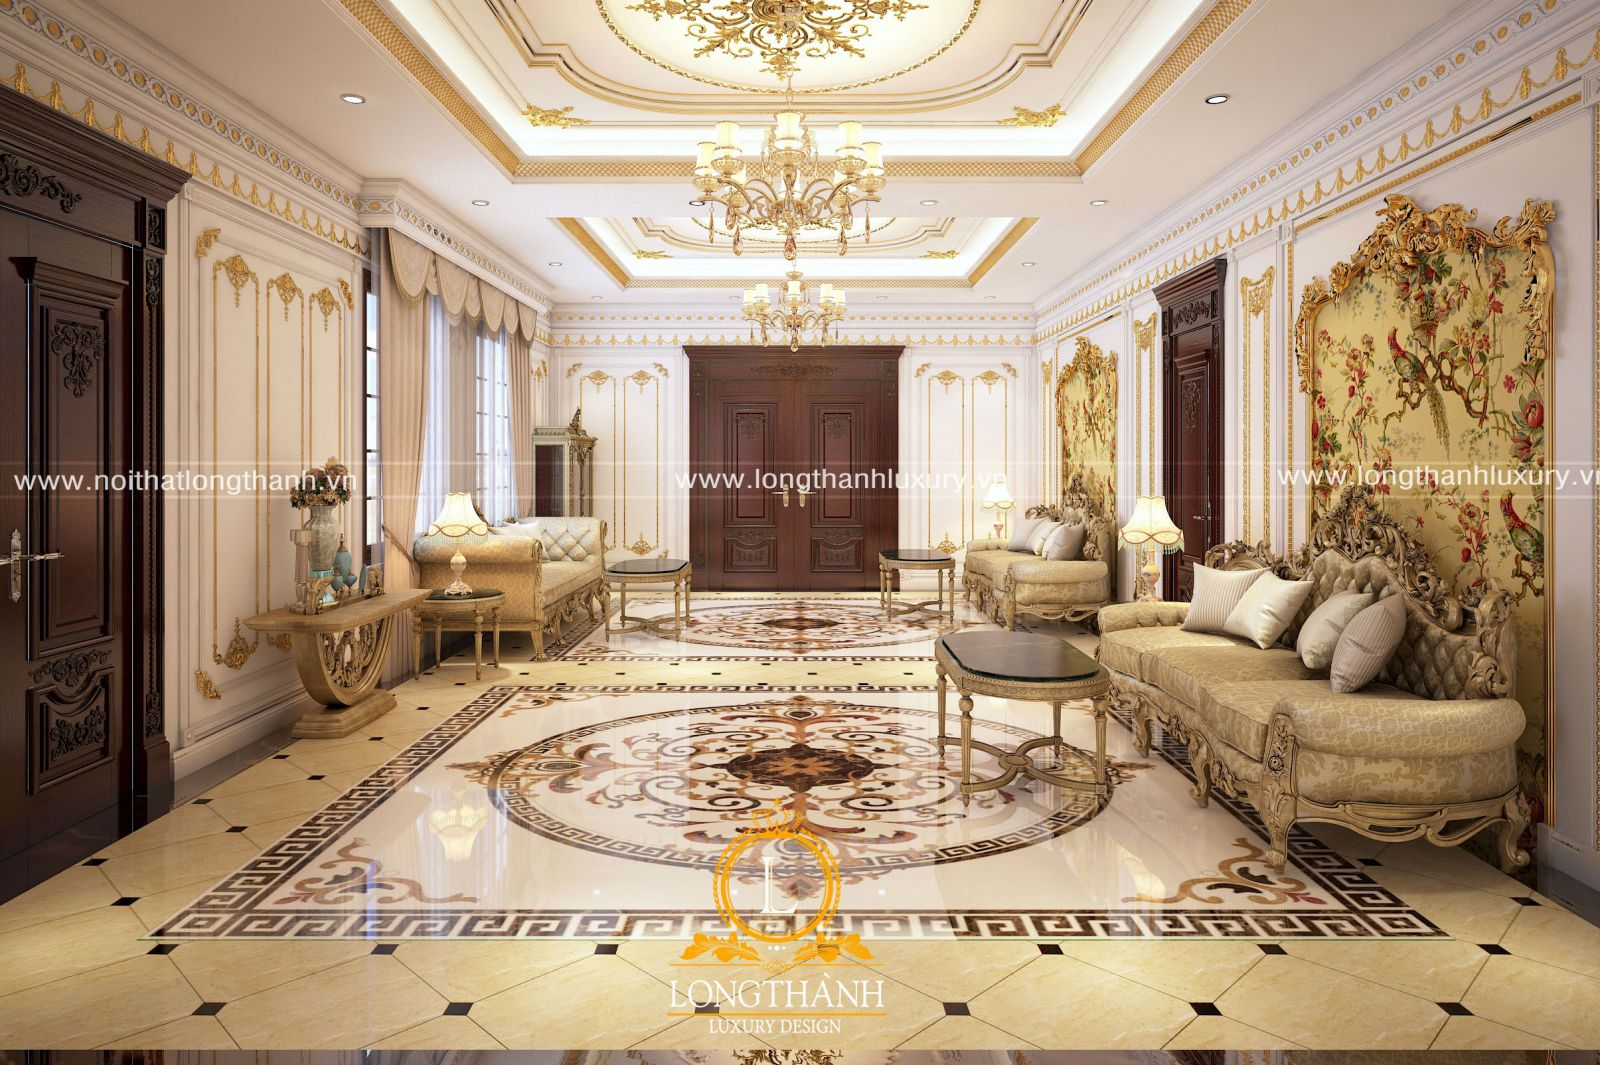 Những lưu ý khi thiết kế nội thất theo phong cách cổ điển